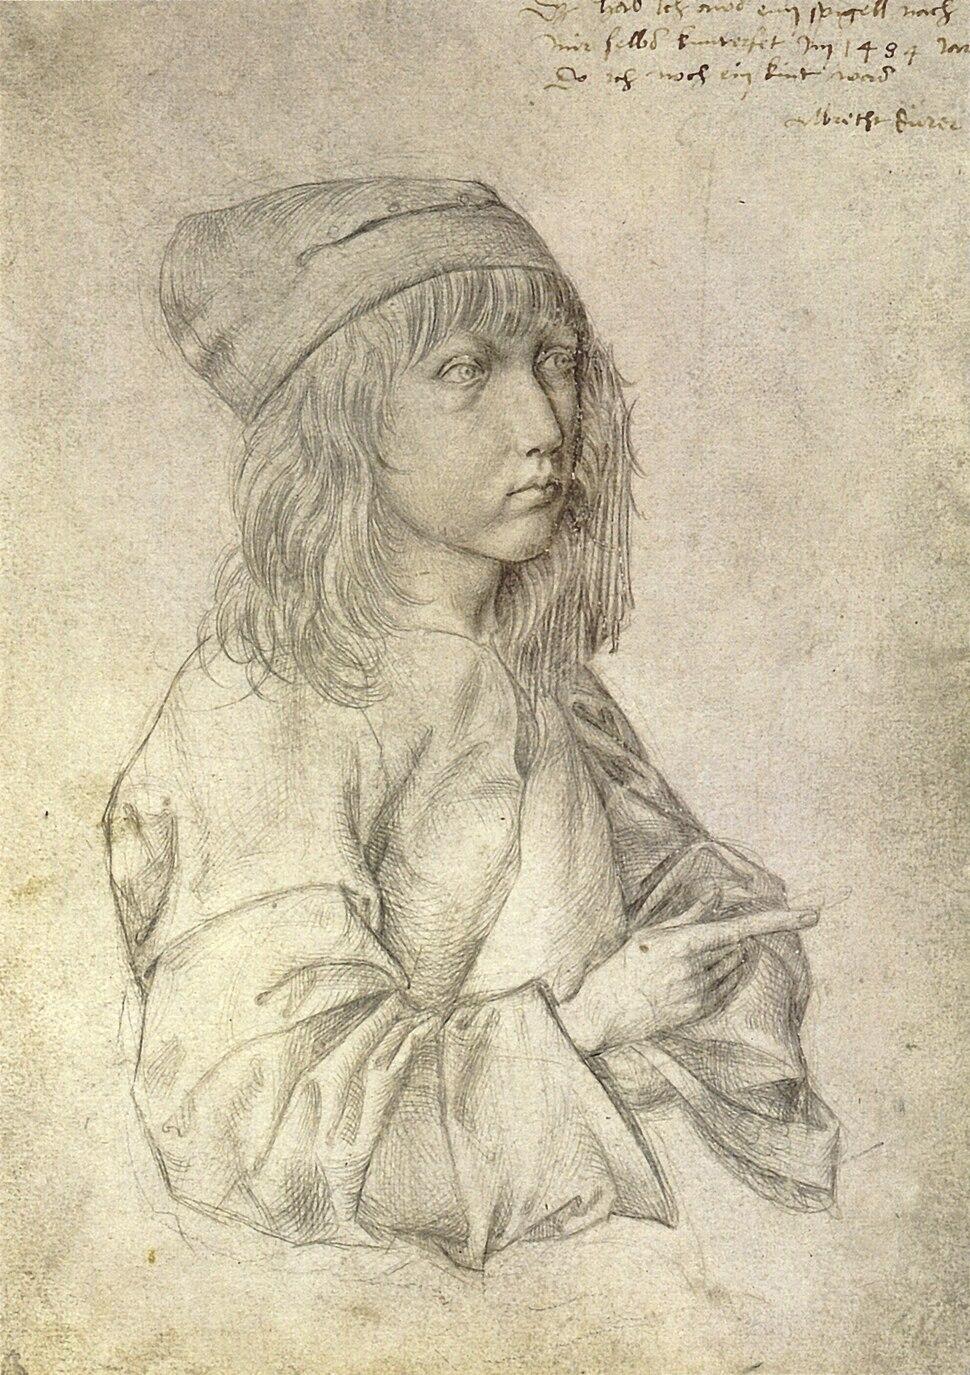 Self-portrait at 13 by Albrecht Dürer